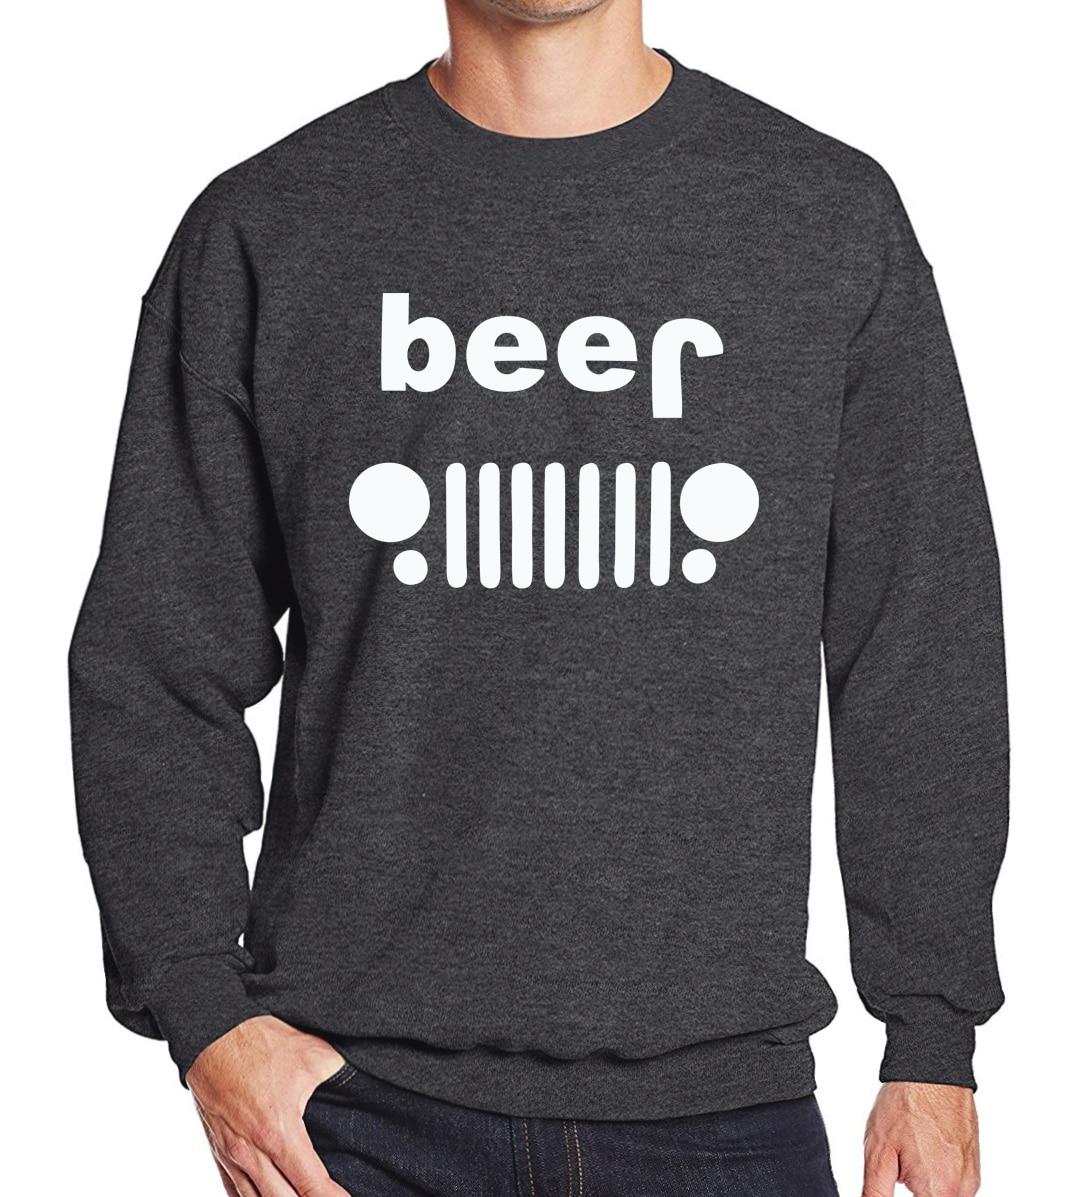 Nouveauté kpop lettres imprimé survêtements hommes 2018 automne vente  chaude shirts mode polaire haute qualité hoodies top pulls b81e2d0aa76